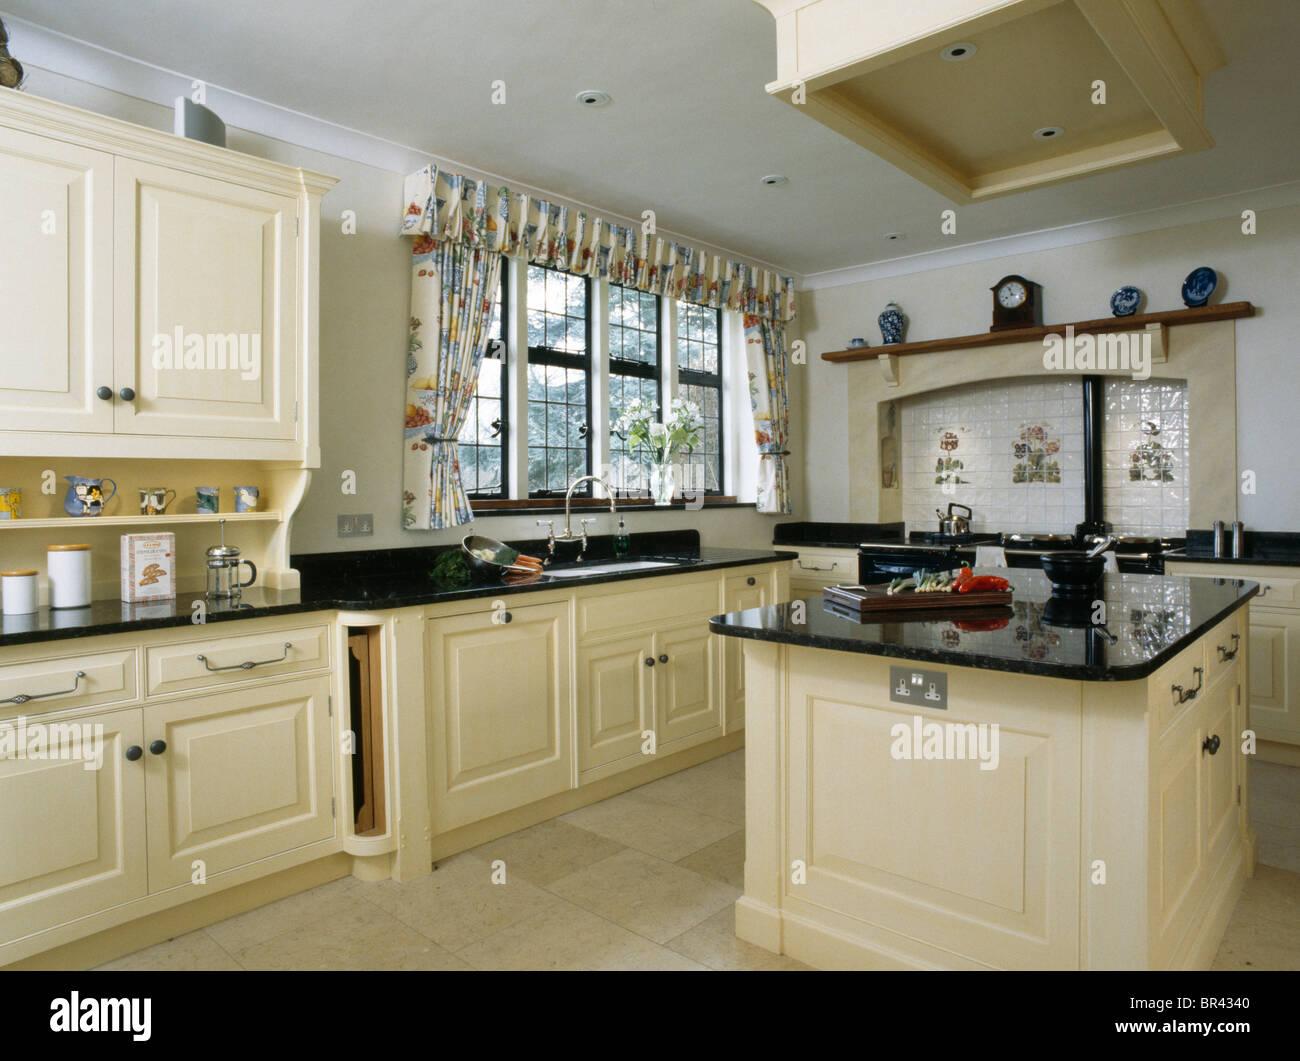 Nata montada isla unidad con encimera de granito en la cocina del país  blanco grande con cb93d4903980